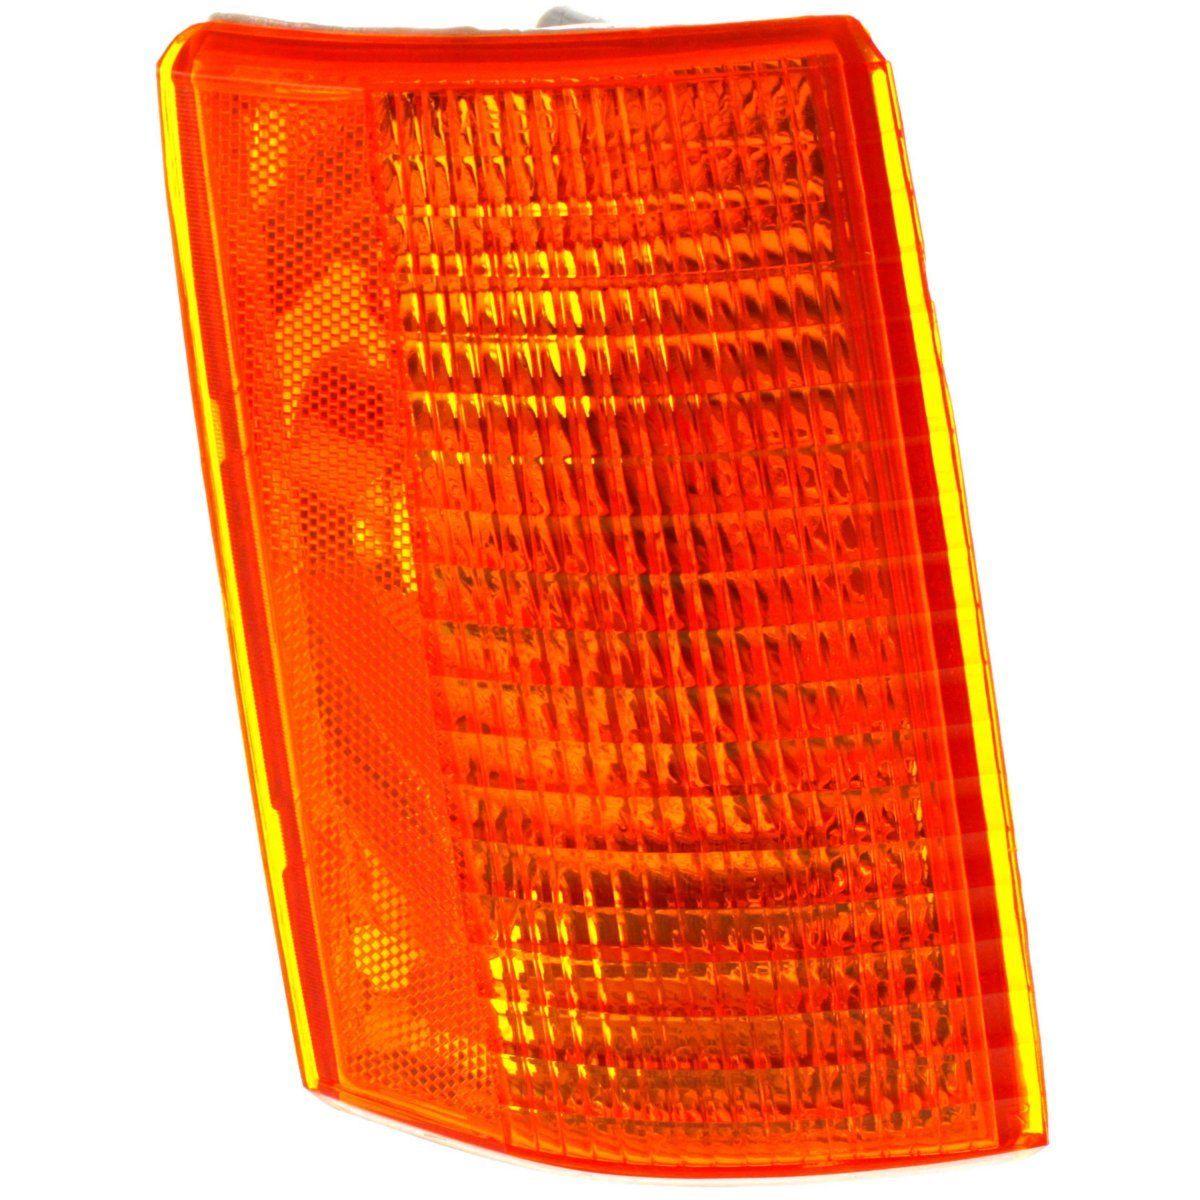 車用品・バイク用品 >> 車用品 >> パーツ >> ライト・ランプ >> その他 コーナーライト Corner Light For 85-94 Chevrolet Astro GMC Safari Passenger Side コーナーライト85-94シボレーアストロGMCサファリの旅客側